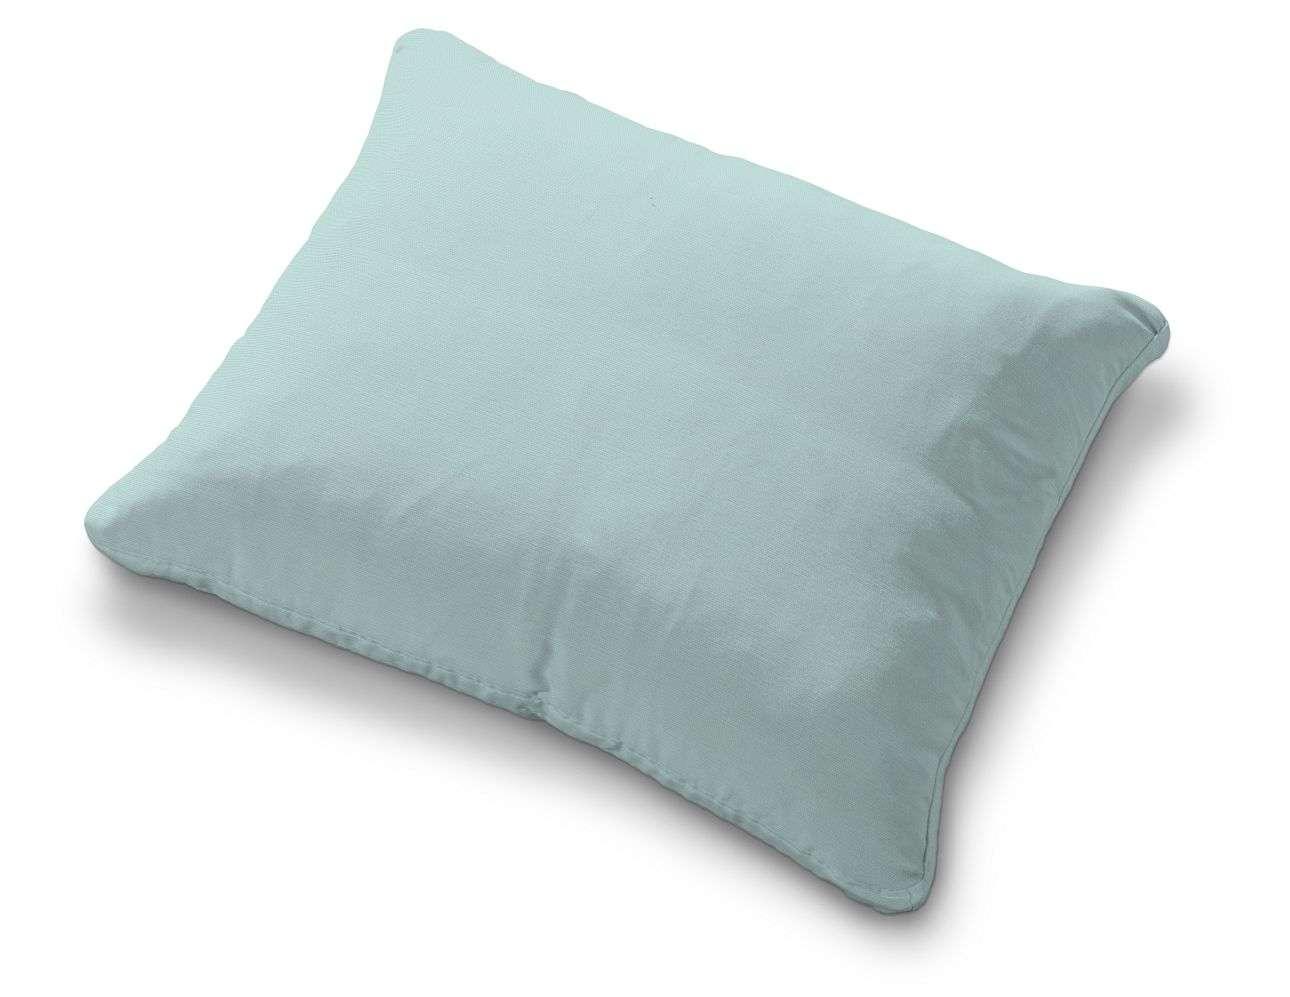 Poszewka na poduszkę Karlstad 58x48cm poduszka Karlstad 58x48cm w kolekcji Cotton Panama, tkanina: 702-10